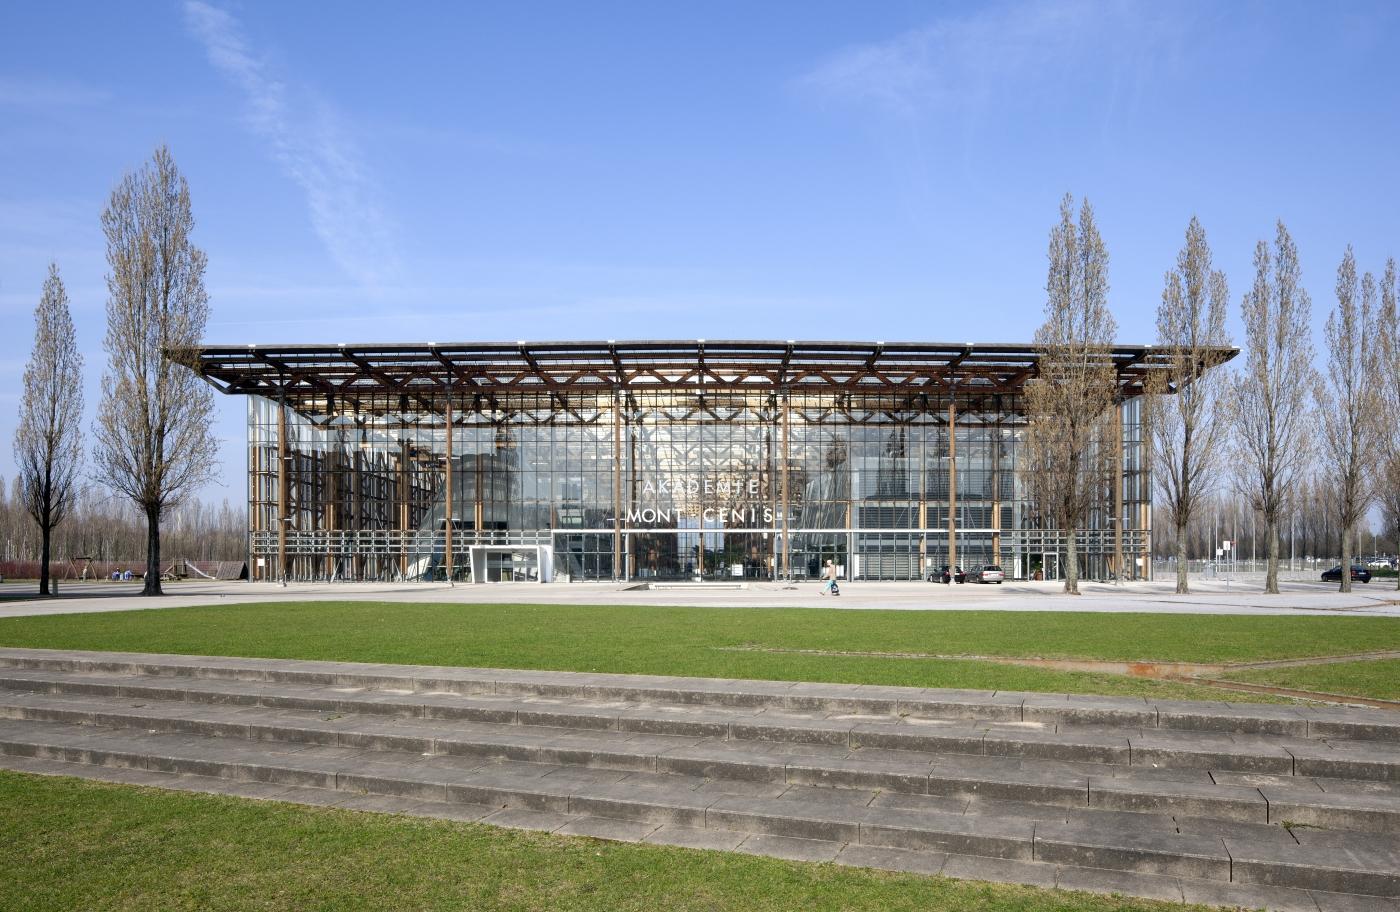 Akademie Mont Cenis Herne Architektur Baukunst Nrw